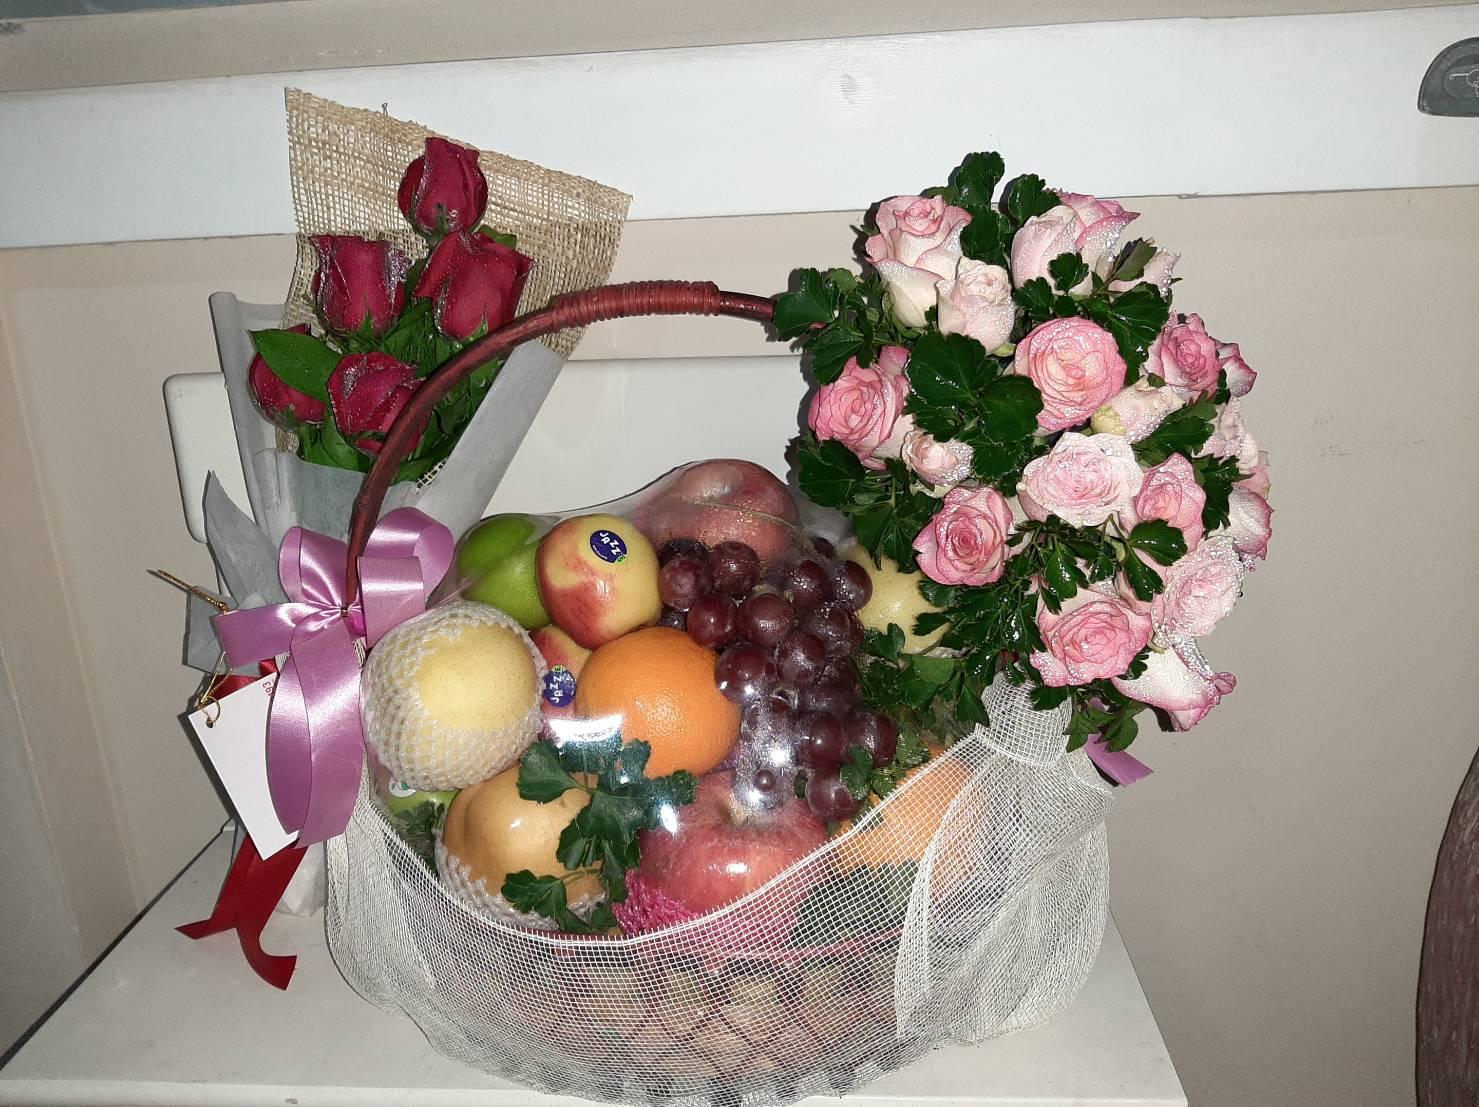 กระเช้าผลไม้ตามฤดููกาล จัดอย่างพิถีพิถัน พร้อมตกแต่งด้วยดอกไม้